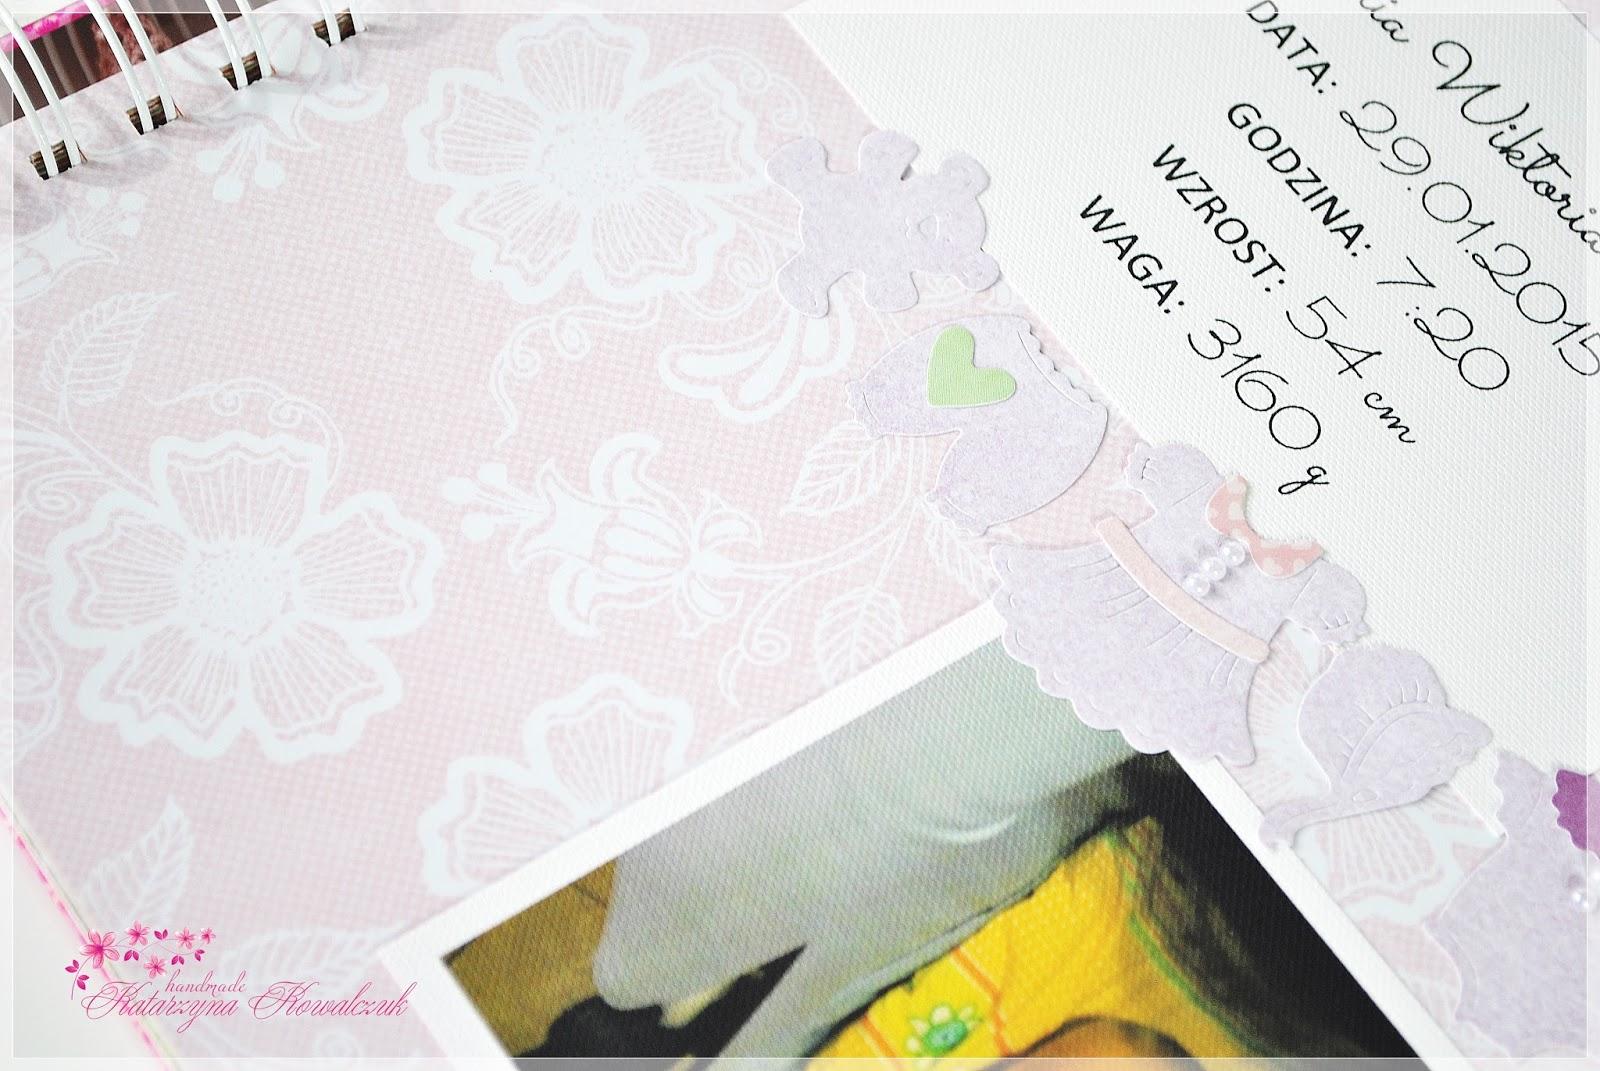 kartka i album pamiątka chrztu świętego scrapbooking